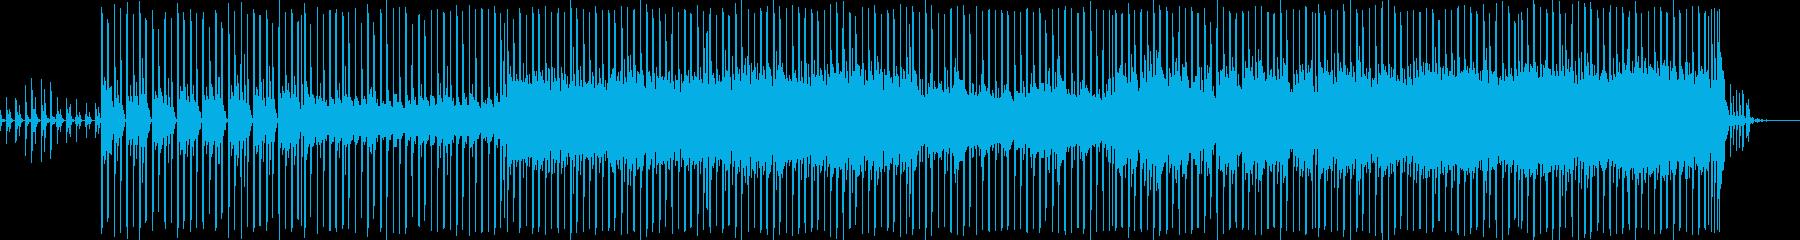 ほのぼのアップテンポな明るいポップの再生済みの波形